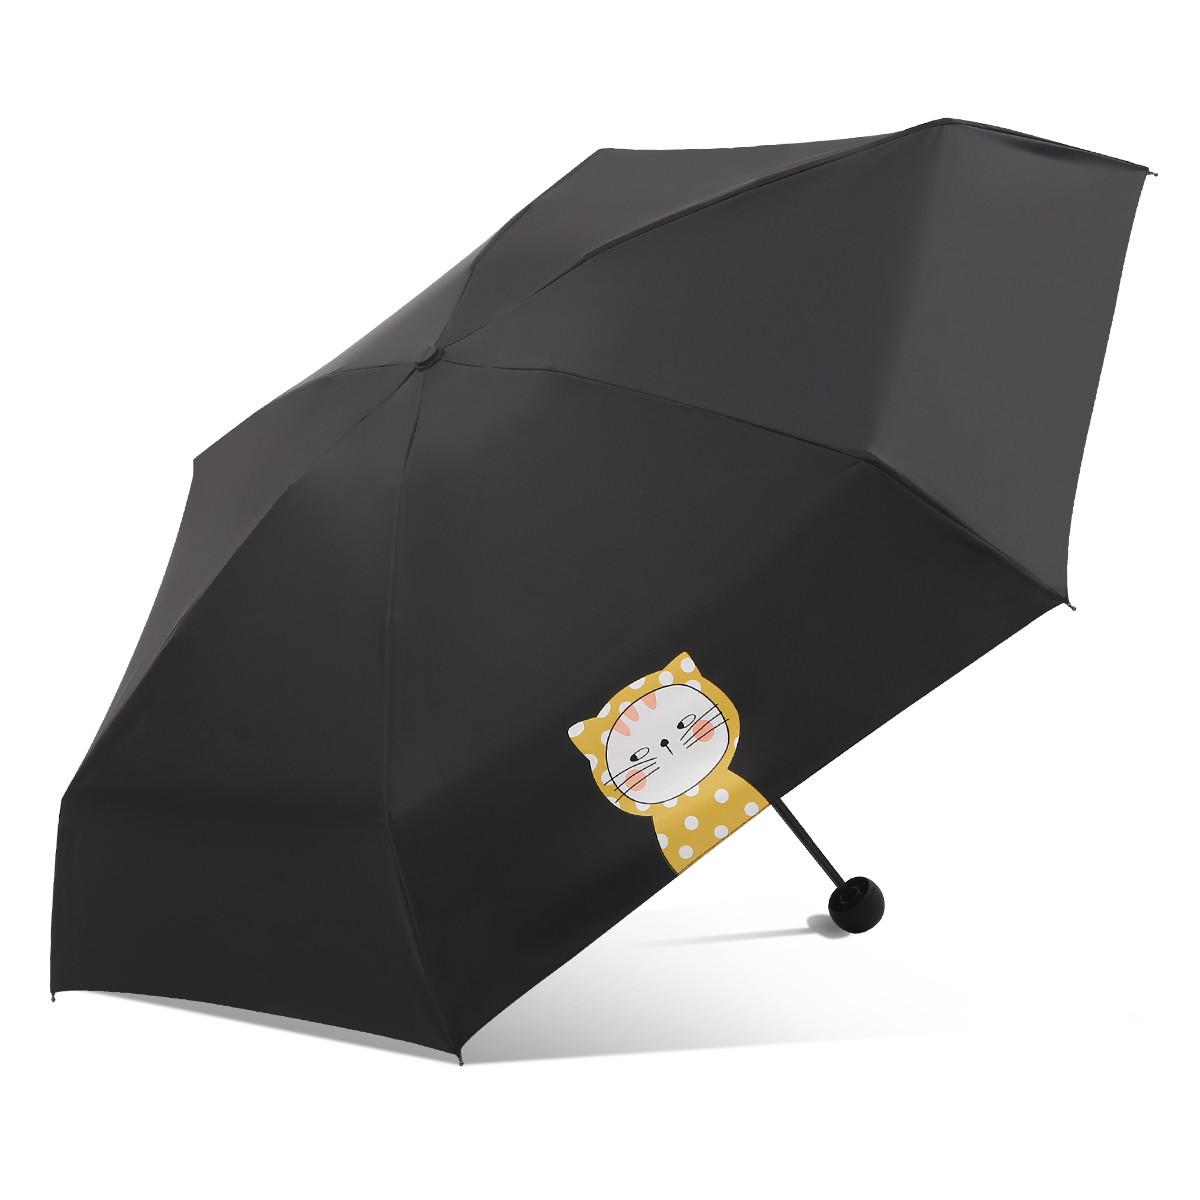 Paradise 天堂伞 萌宠系列 五折遮阳伞 黑色